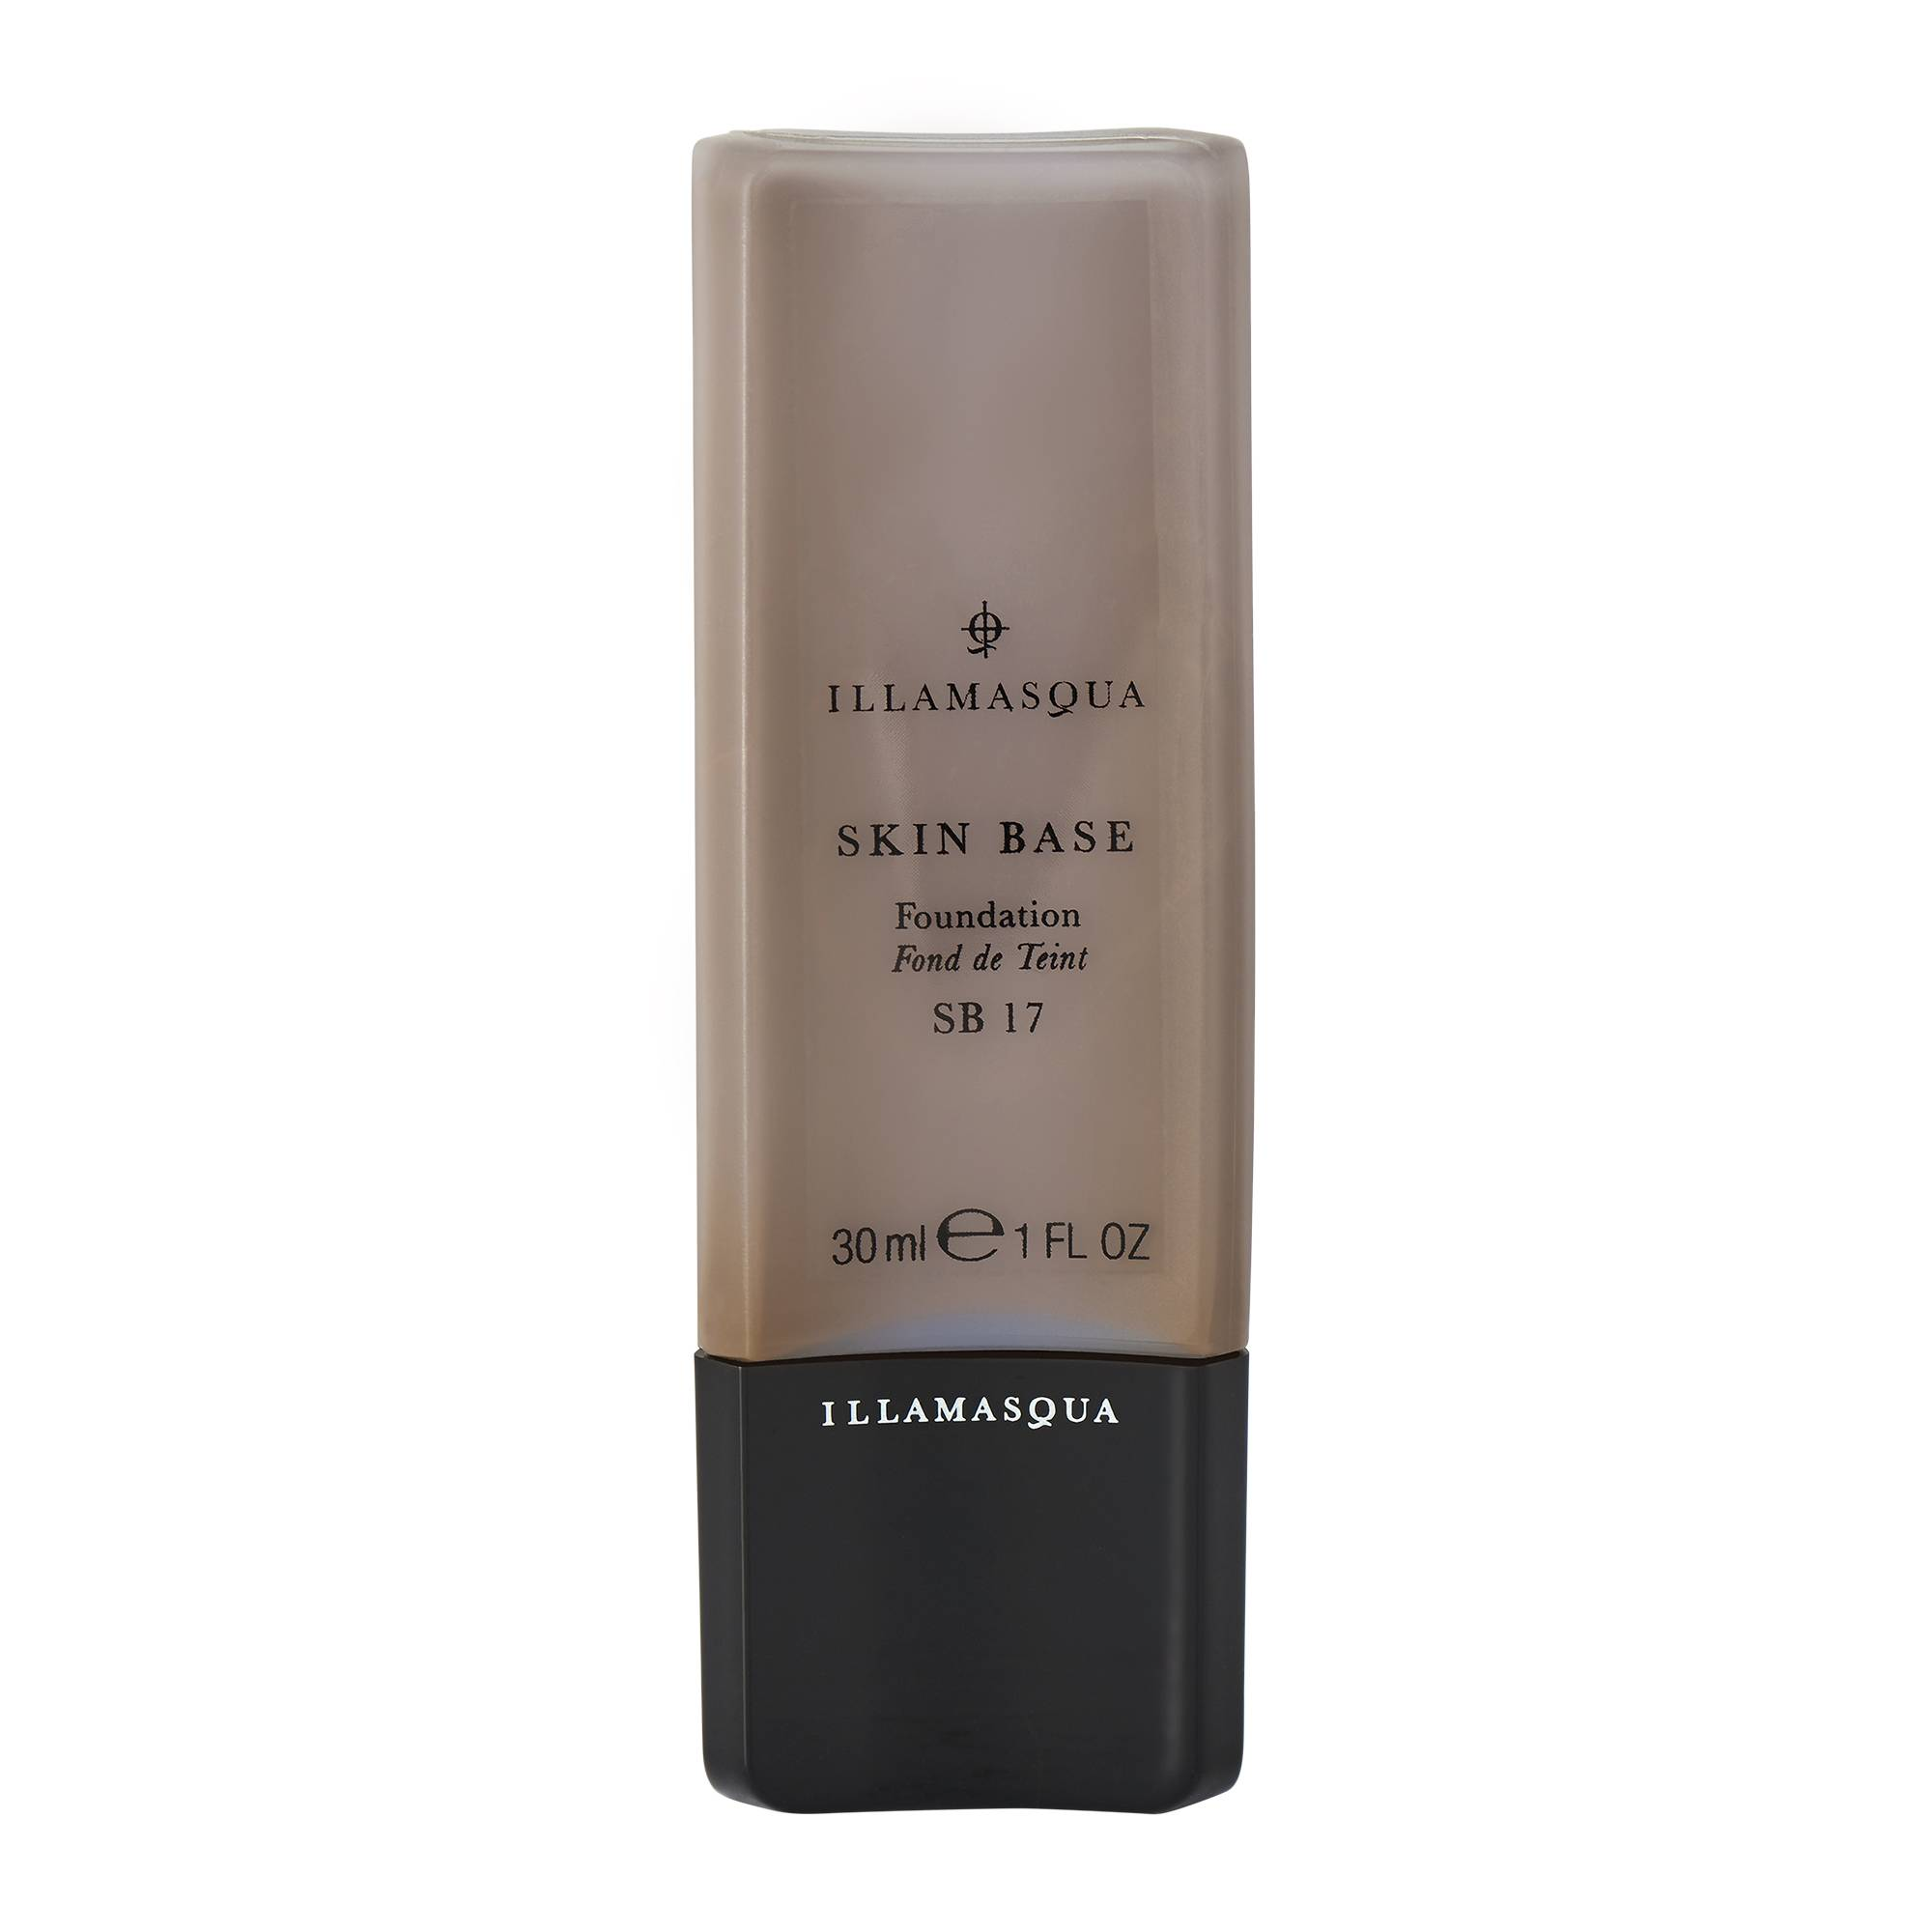 Illamasqua Fond de teint Skin Base 17 17 30ml